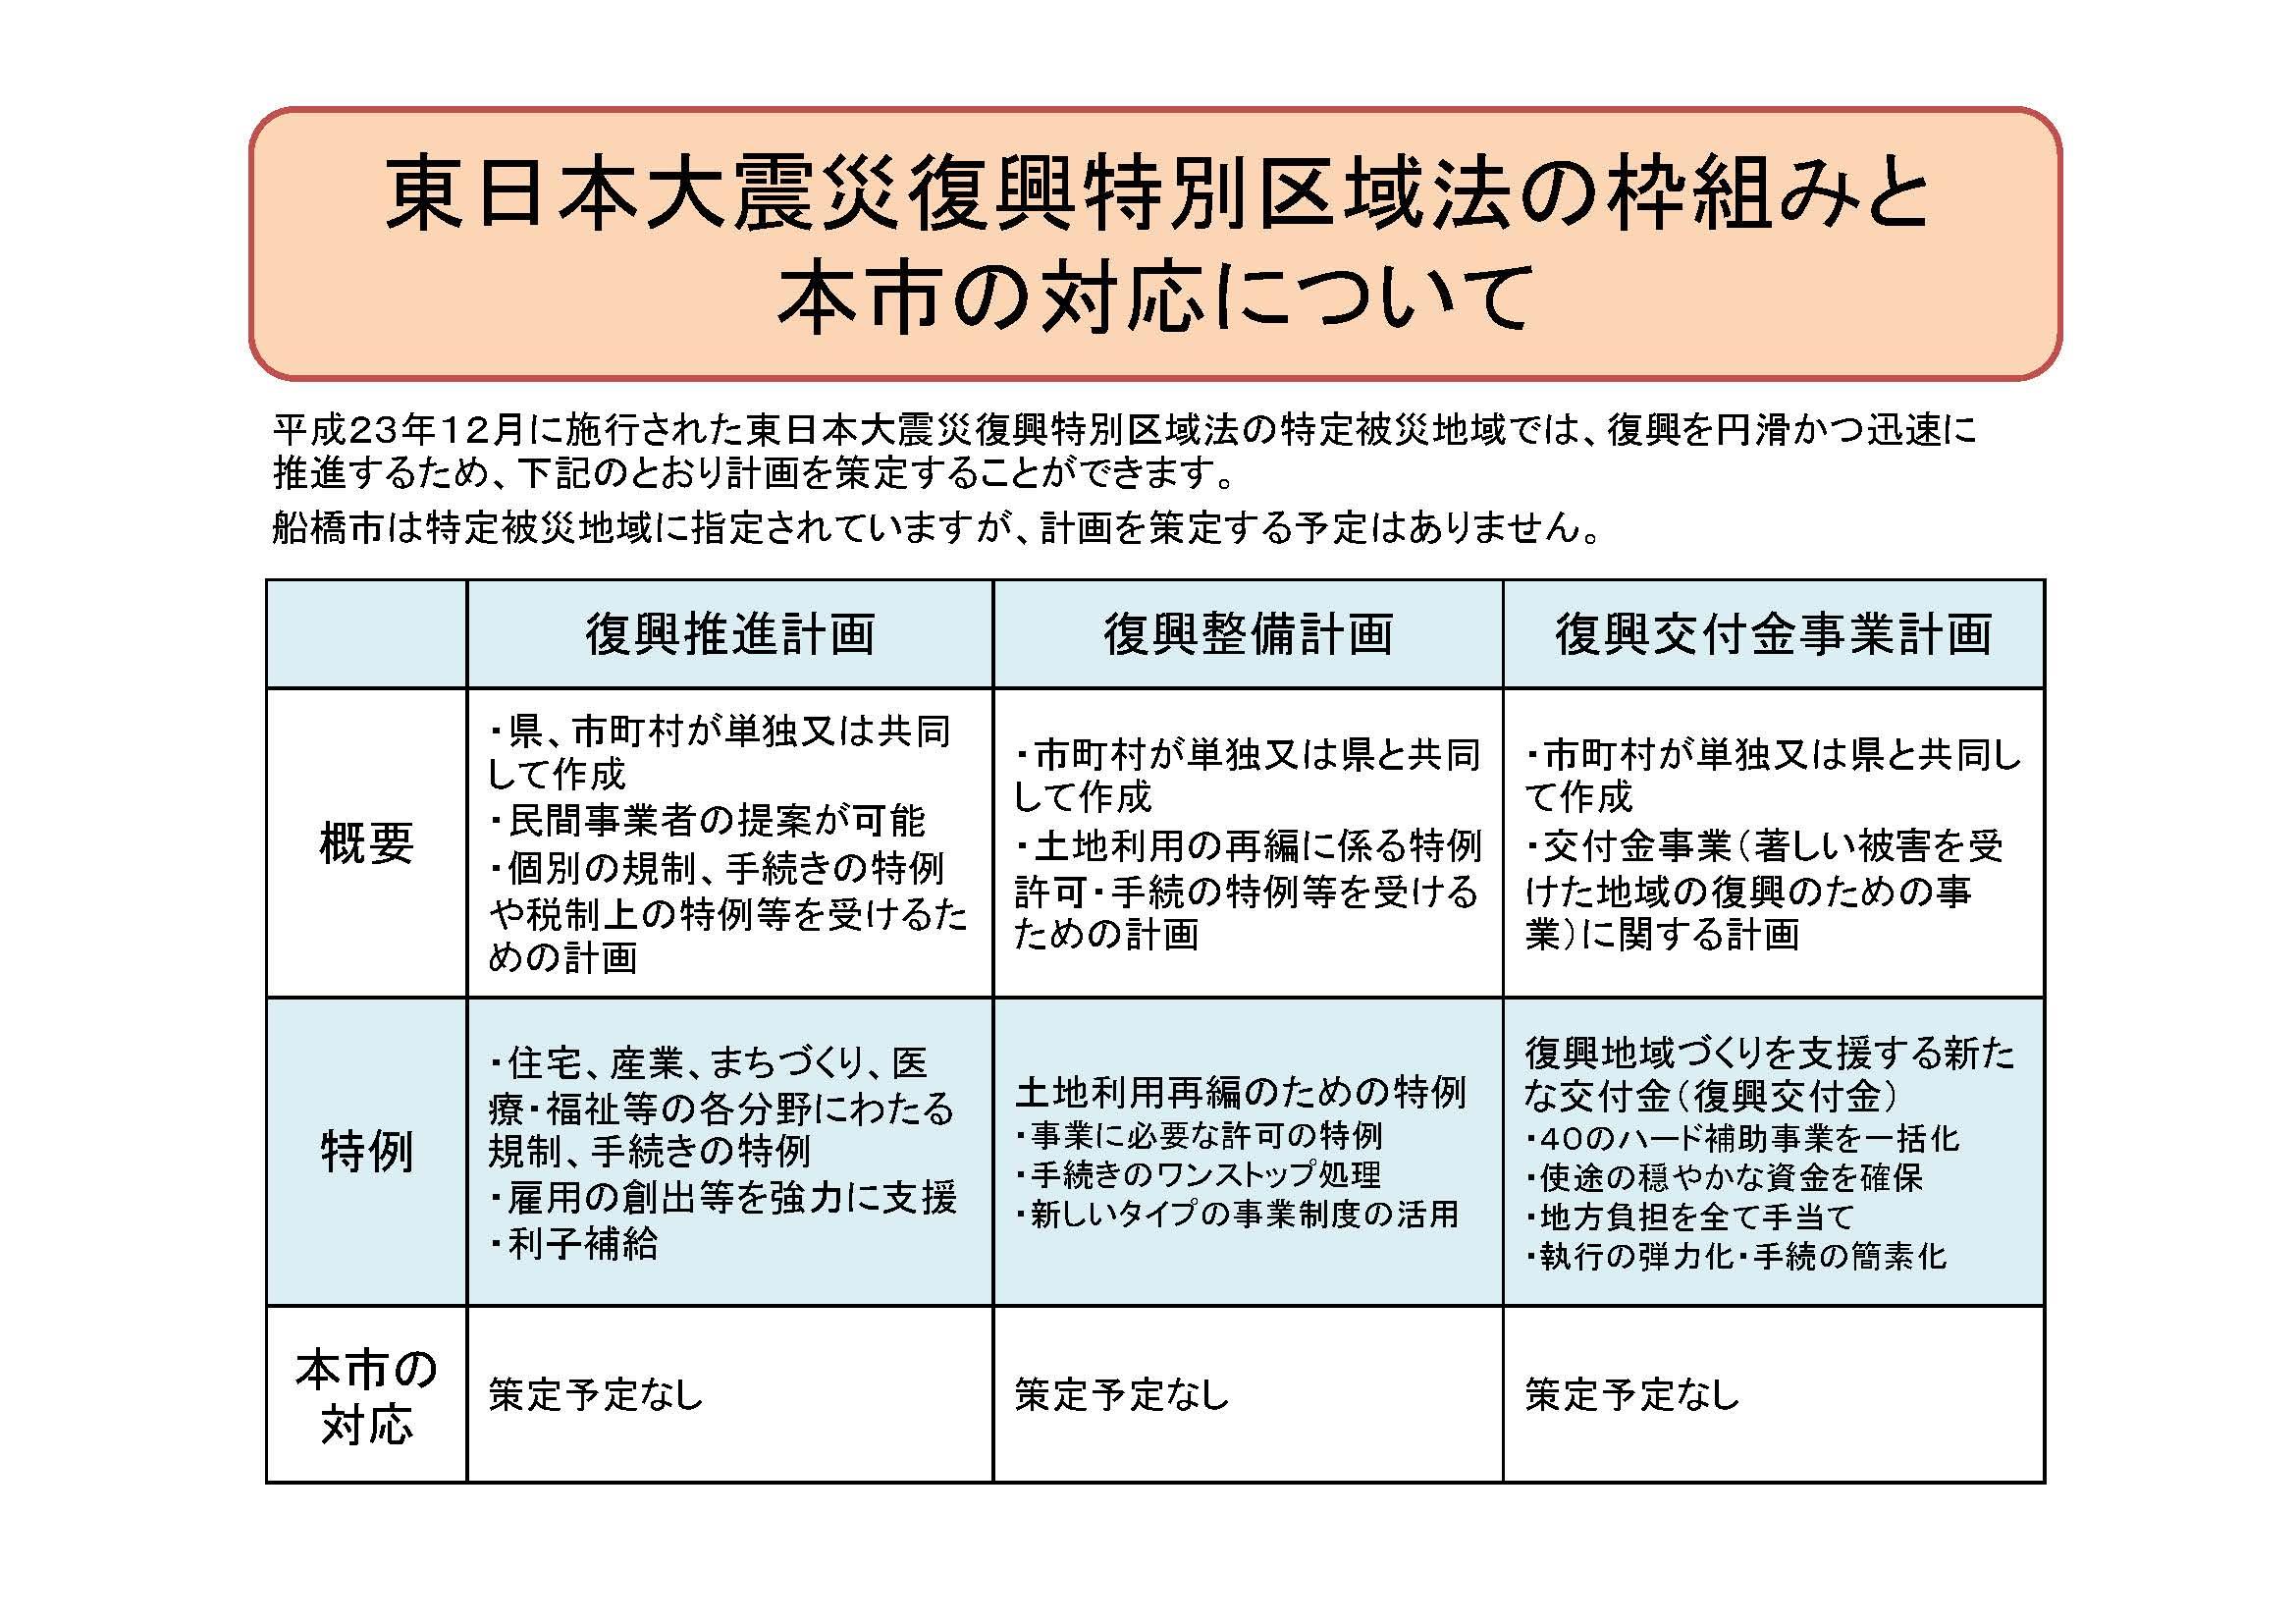 船橋市の東日本大震災復興特別区域法への対応について